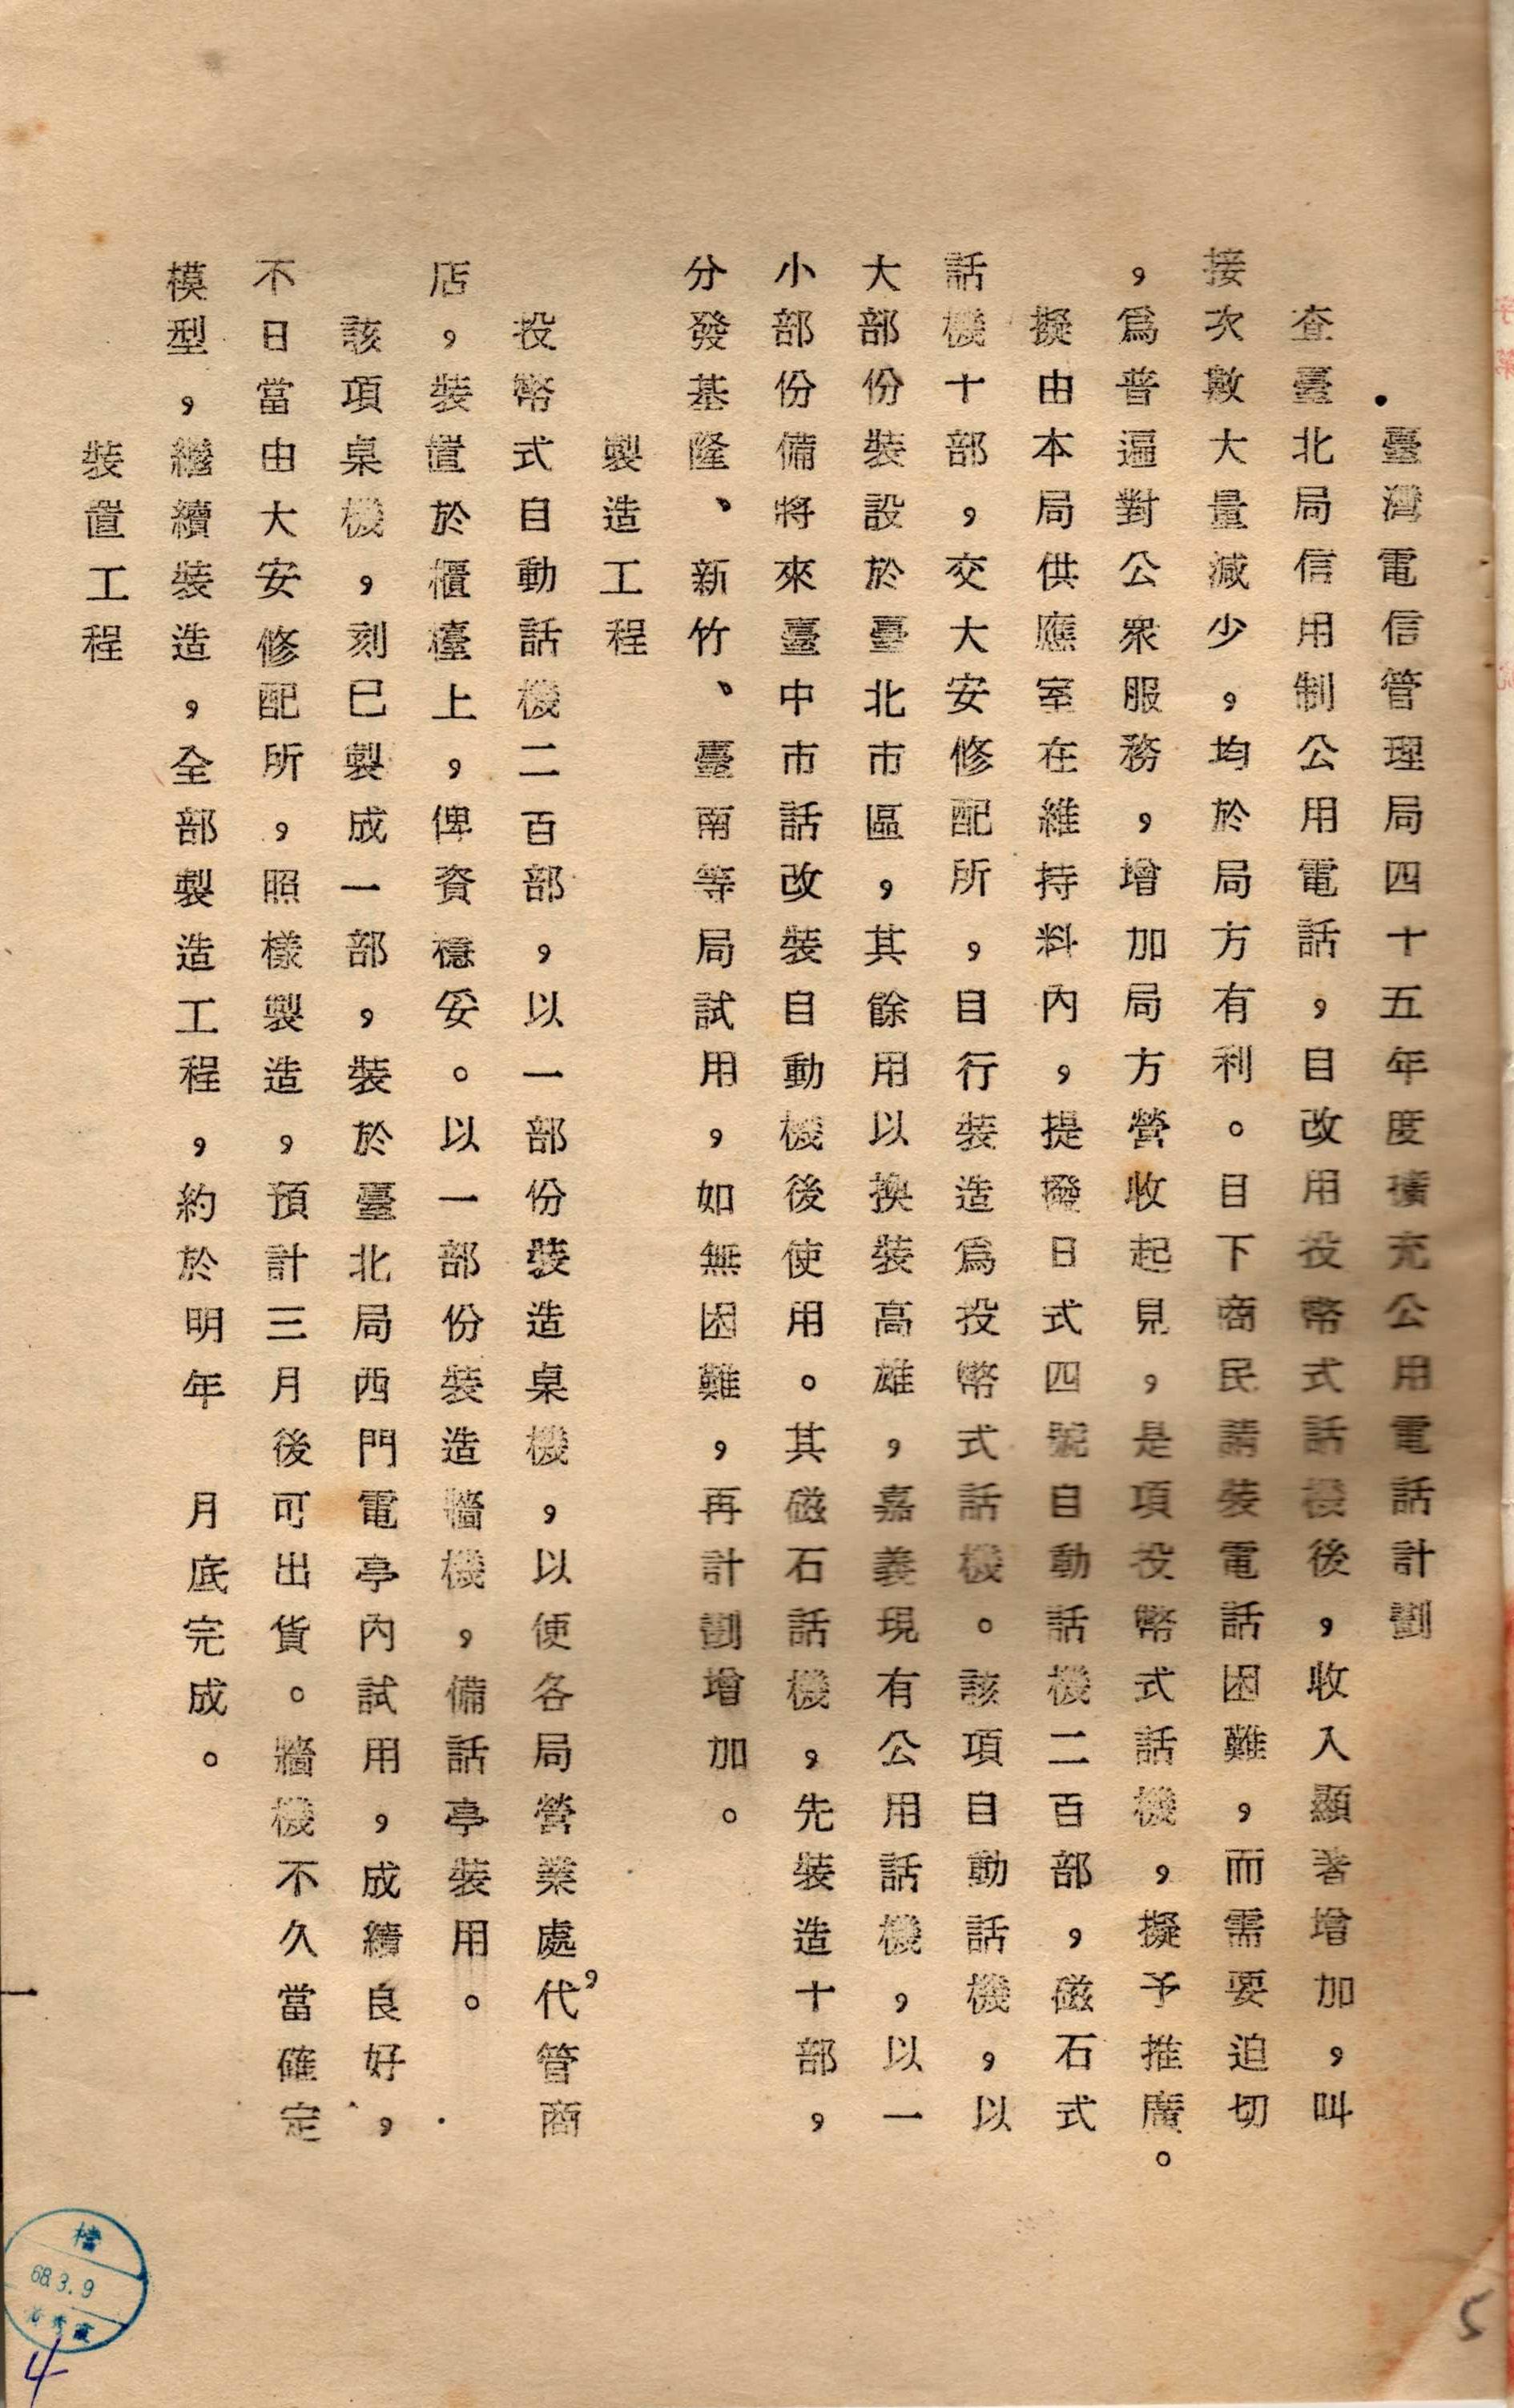 中華電信45年公用電話擴充計畫第1頁